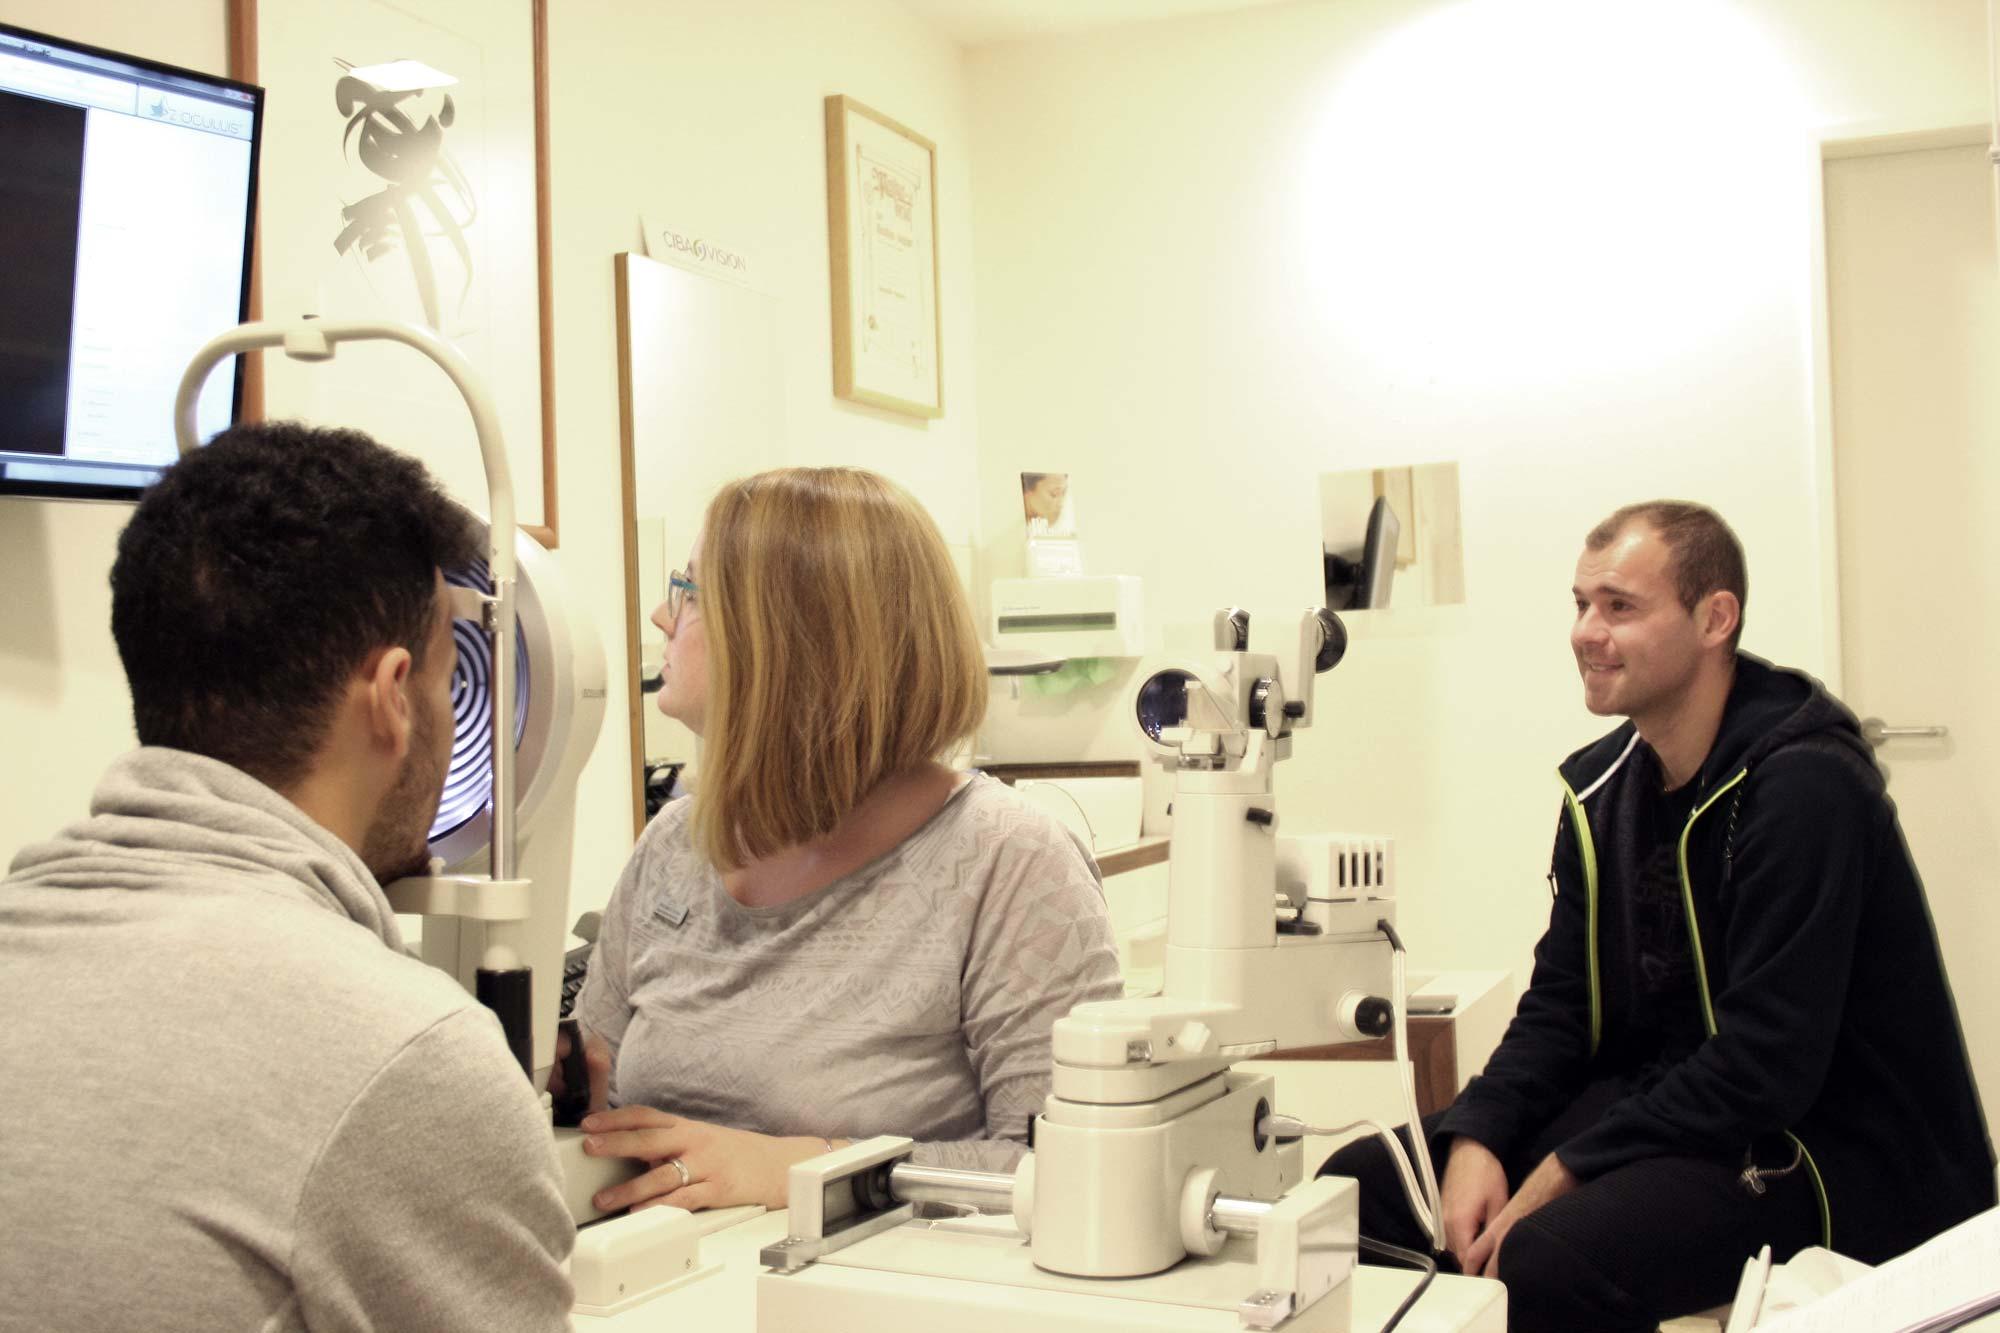 F.C. Hansa Spieler Joshua Nadeau und Amaury Bischoff lassen sich von Augenoptikermeisterin Michaela Greve von Optik Sagawe aus Rostock die Augen überprüfen und erklären